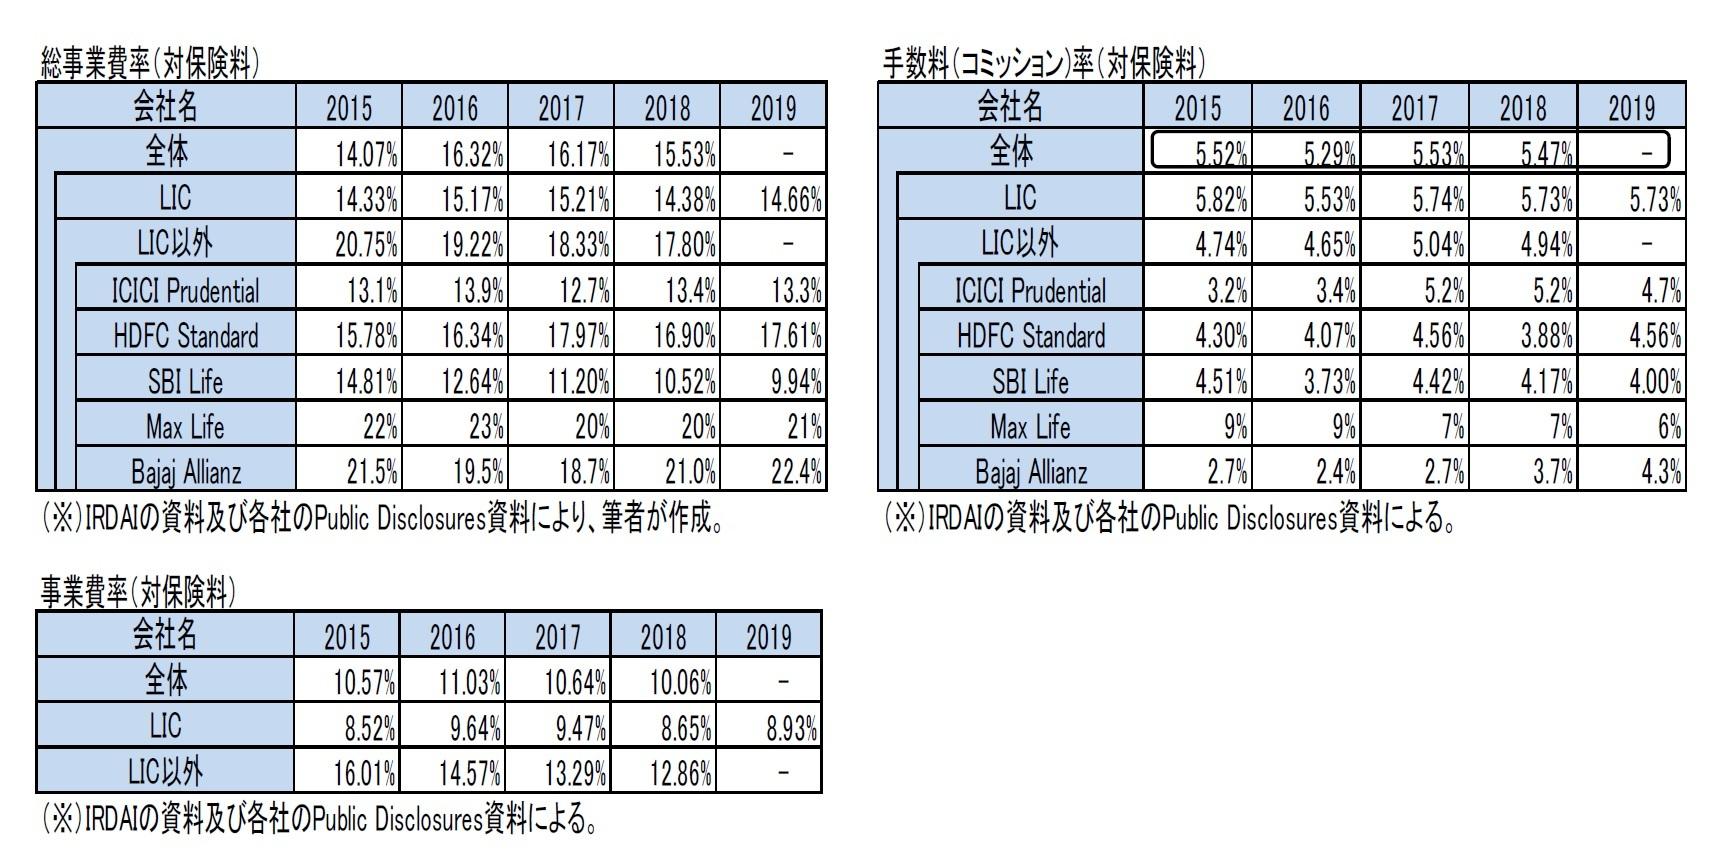 総事業費率(対保険料)/手数料(コミッション)率(対保険料)/事業費率(対保険料)